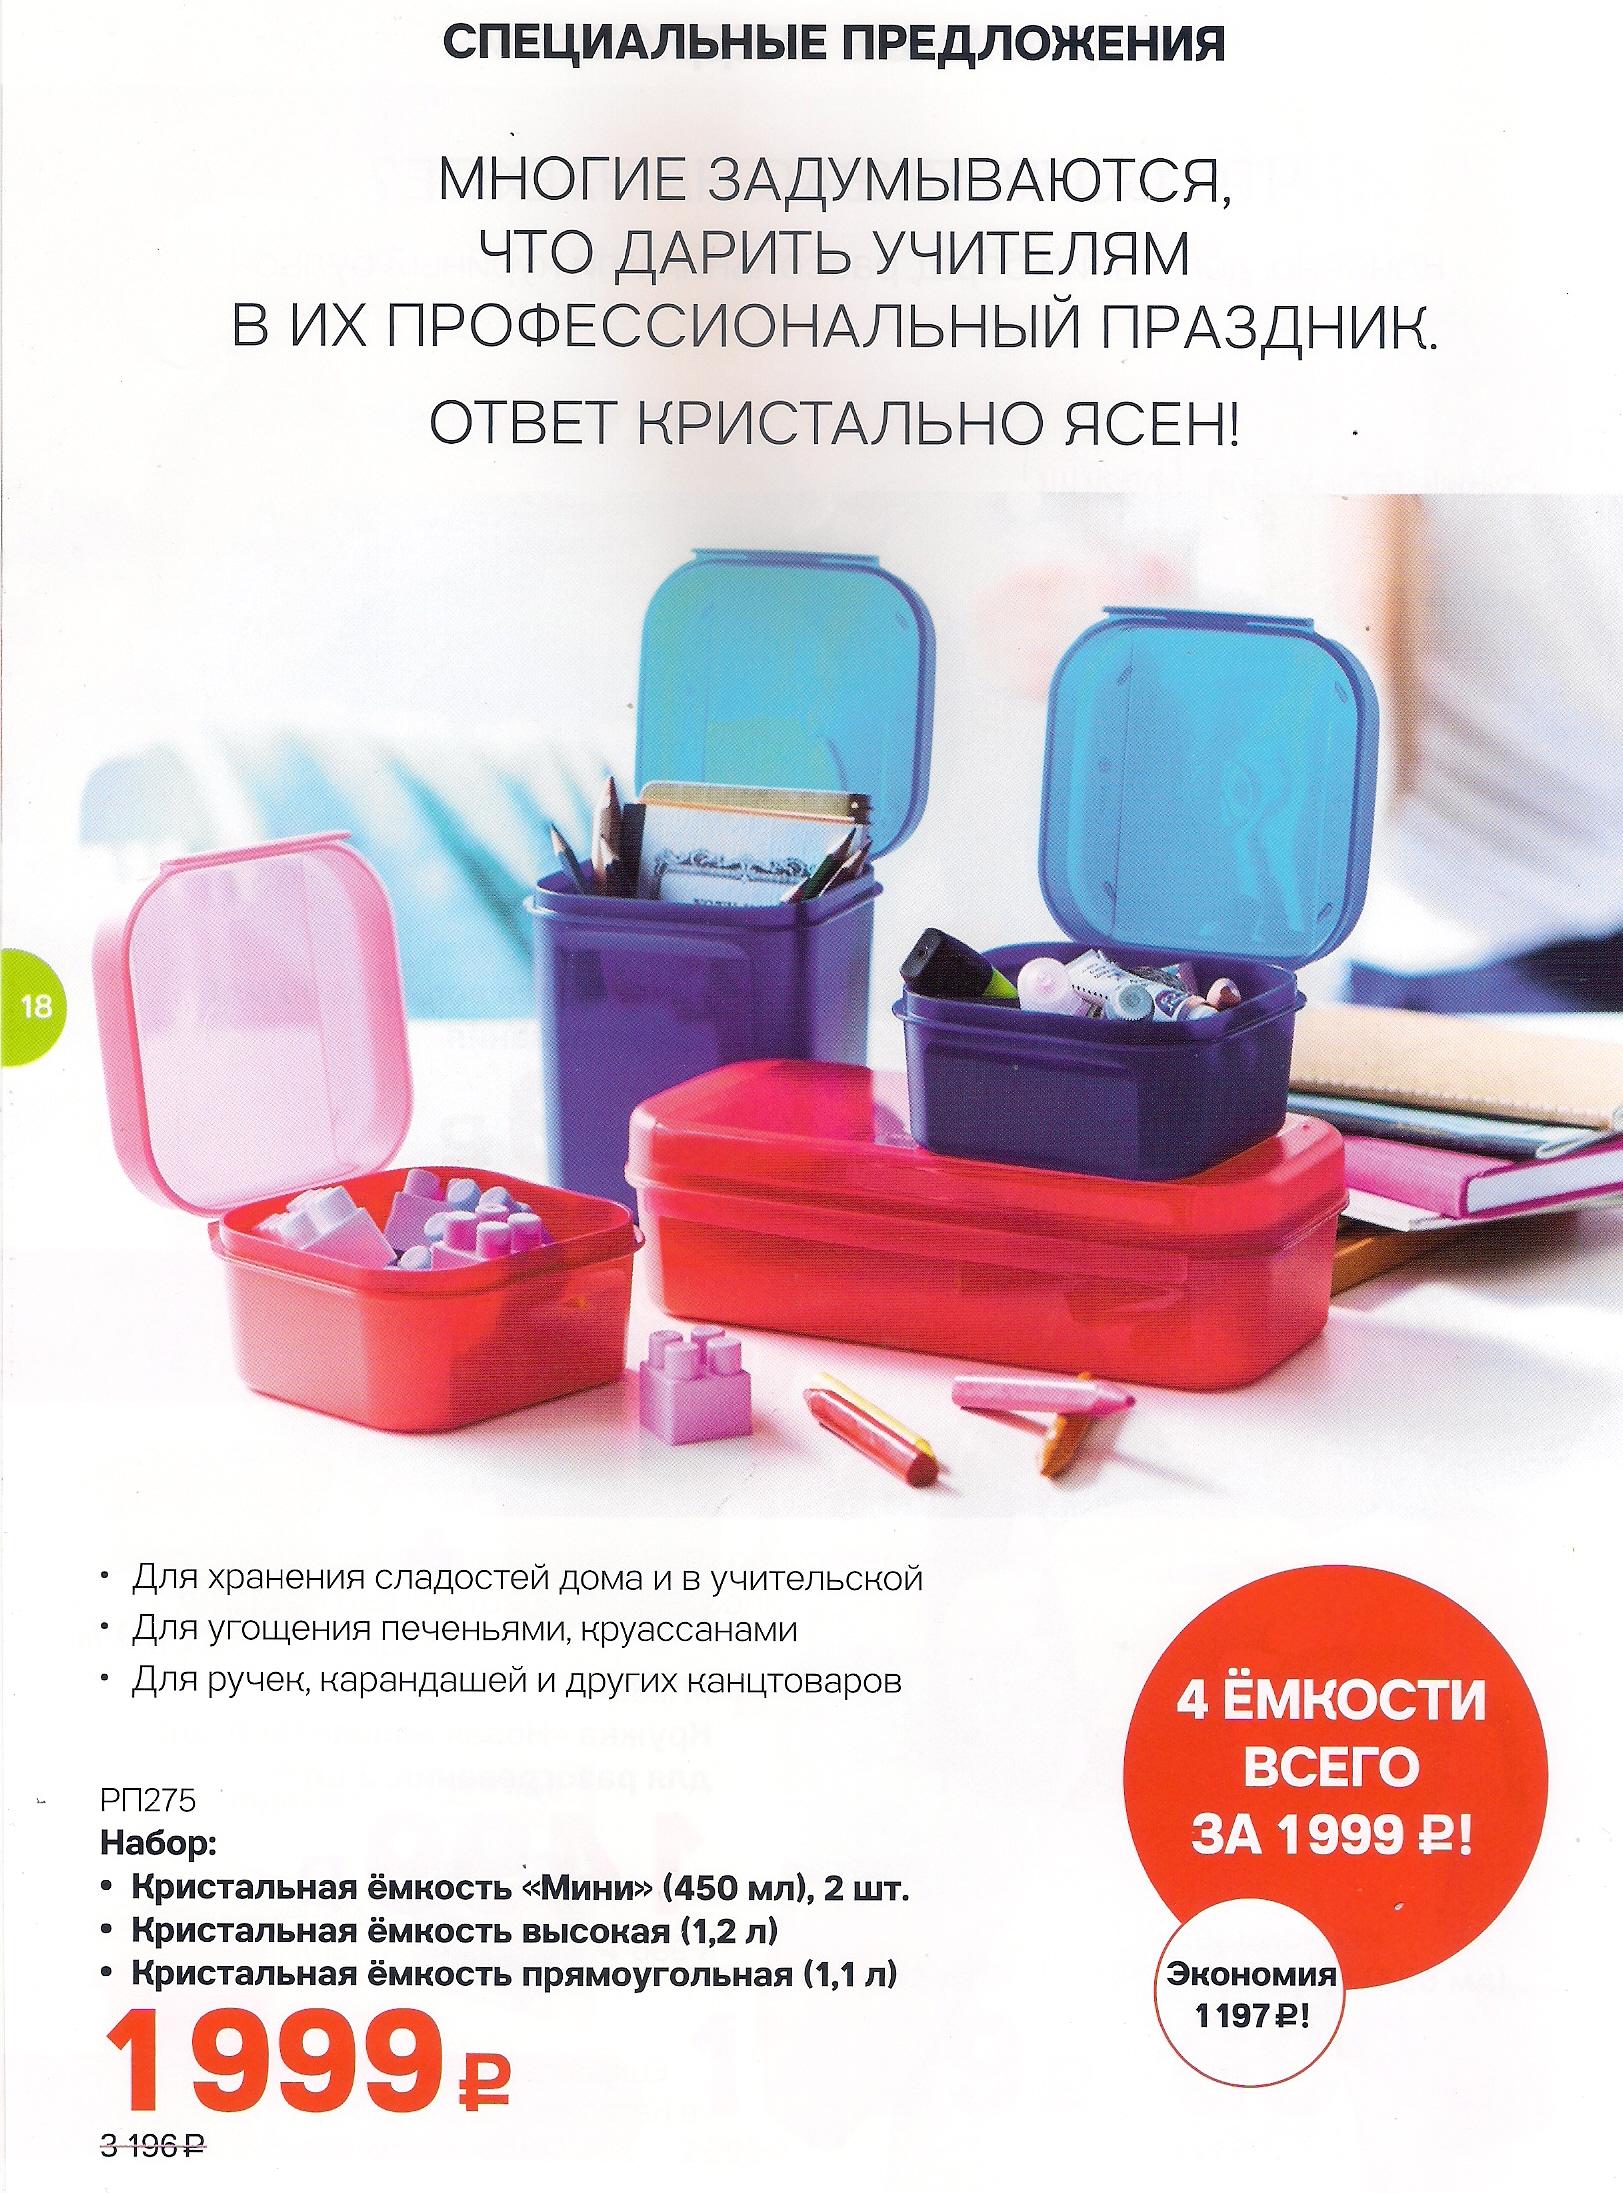 http://tupperware-online.ru/images/upload/17о.jpg